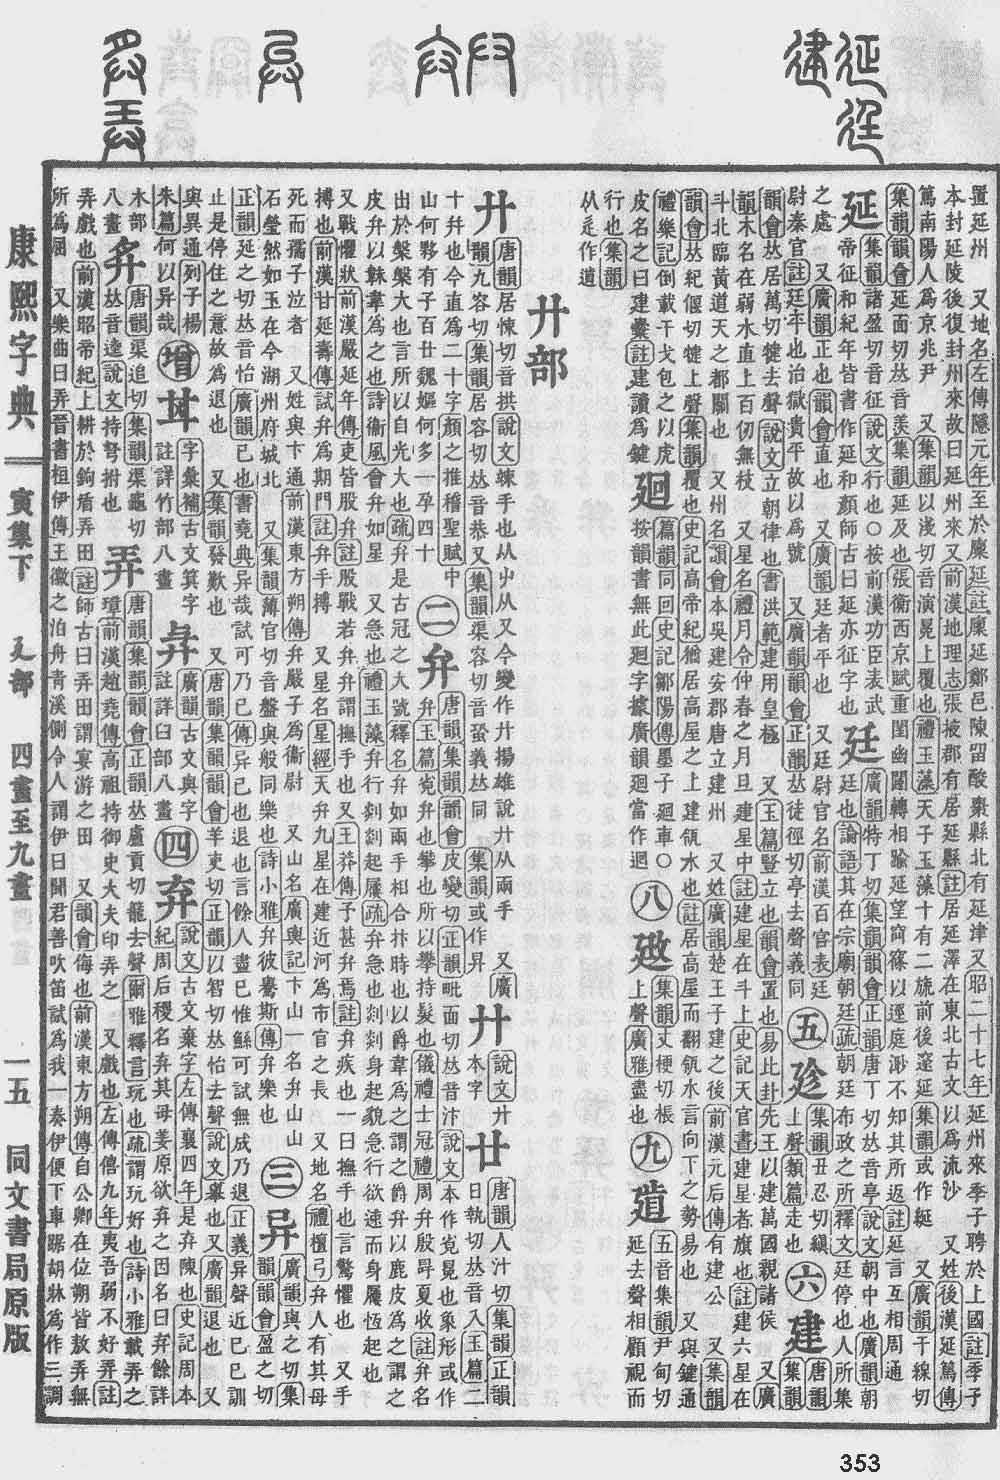 《康熙字典》第353页